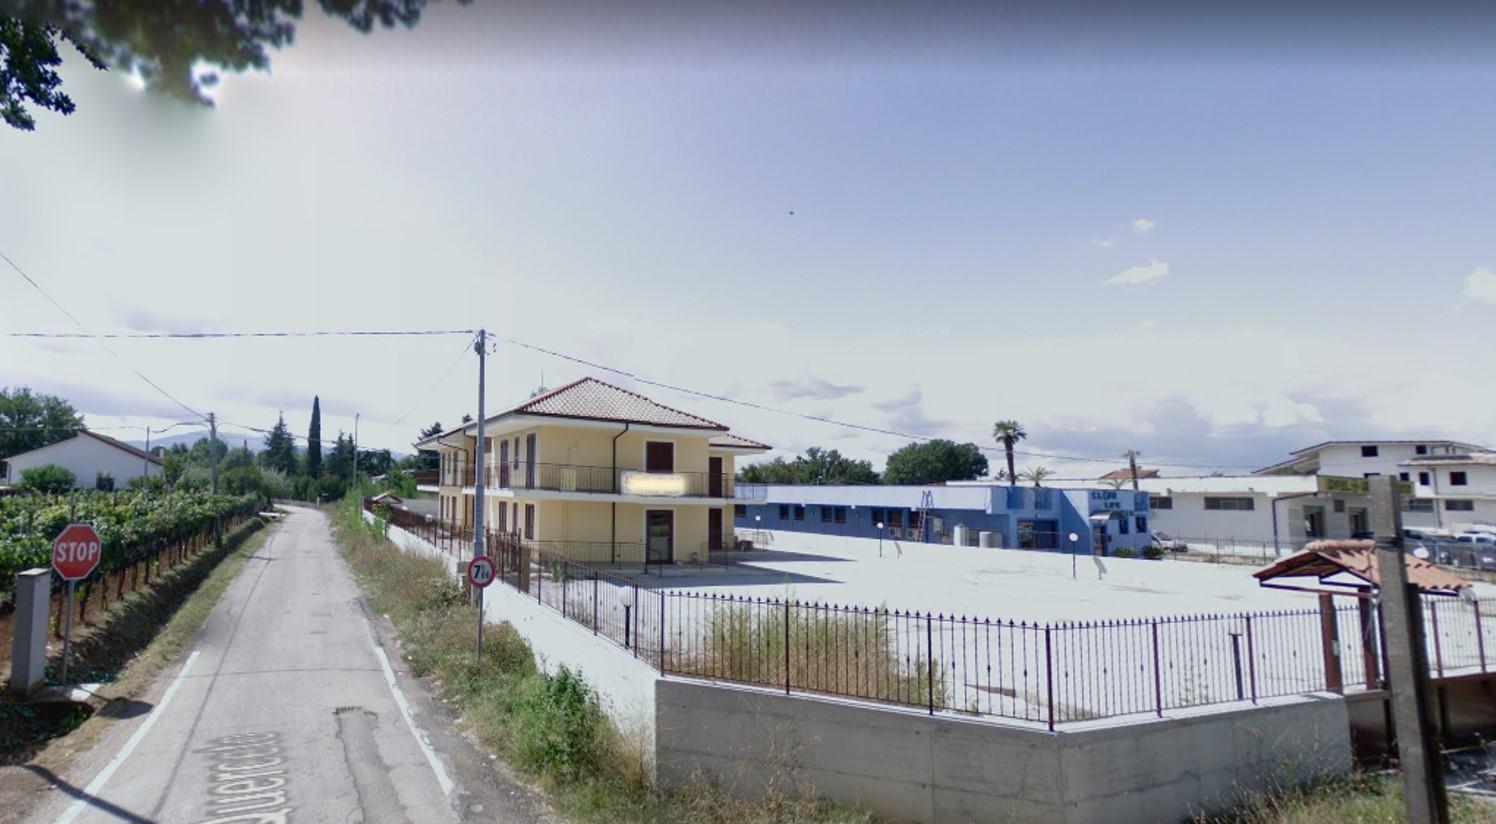 Roma,VIA QUERCETO 24,3 Locali Locali,1 BagnoBagni,Appartamento,VIA QUERCETO ,1050